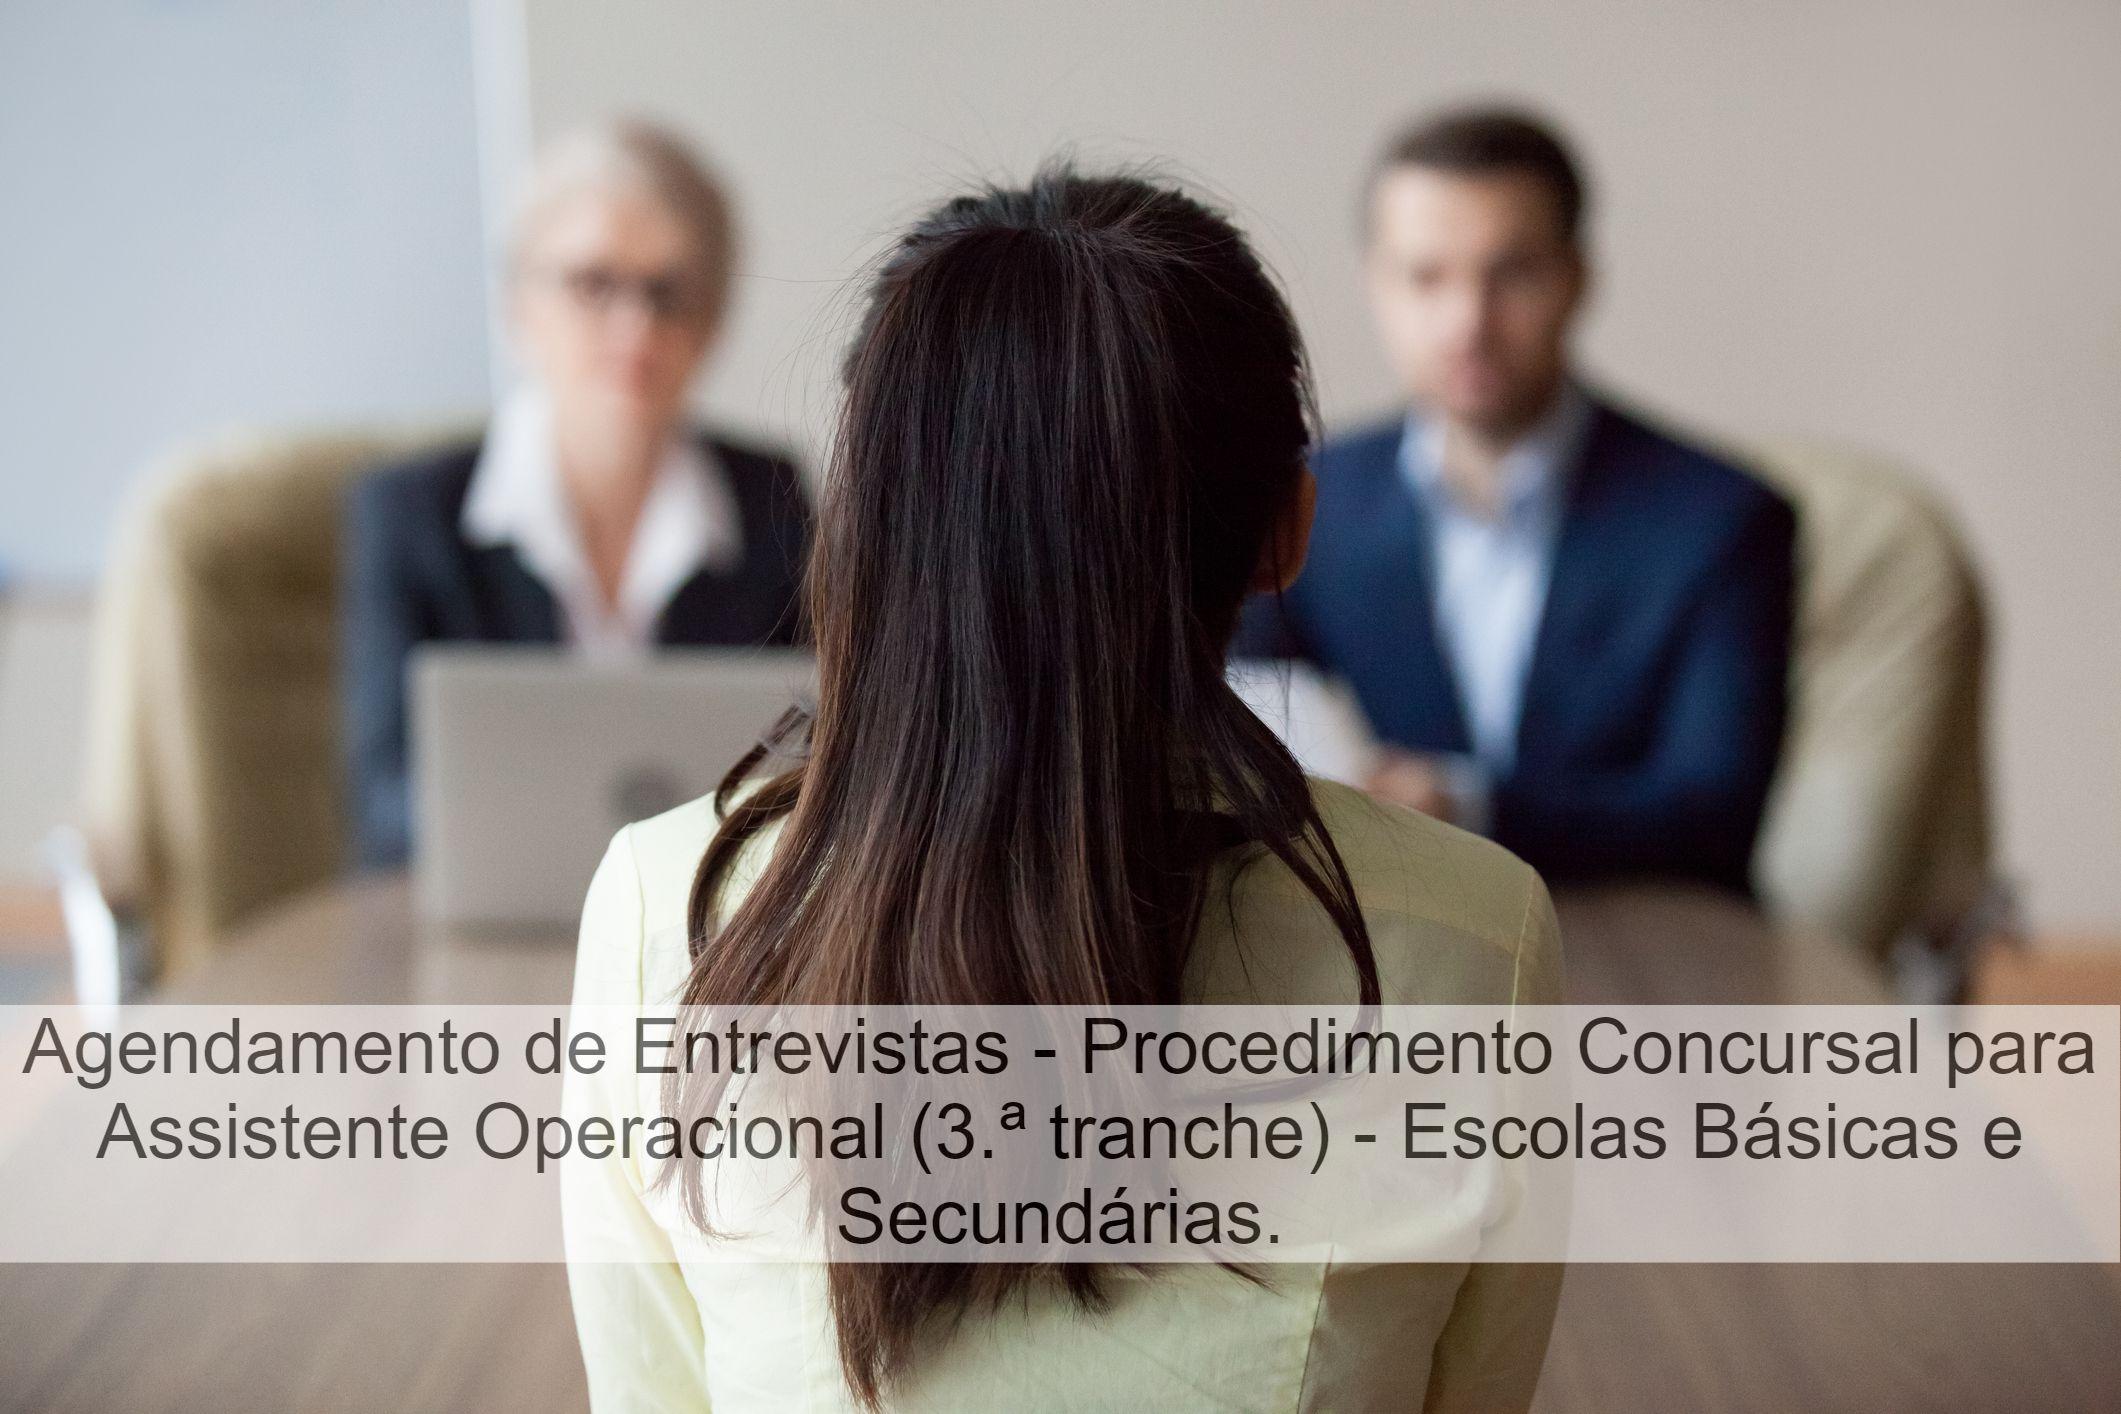 Agendamento de Entrevistas - Assistentes Operacionais - Escolas Básicas e Secundárias (3.ª tranche)